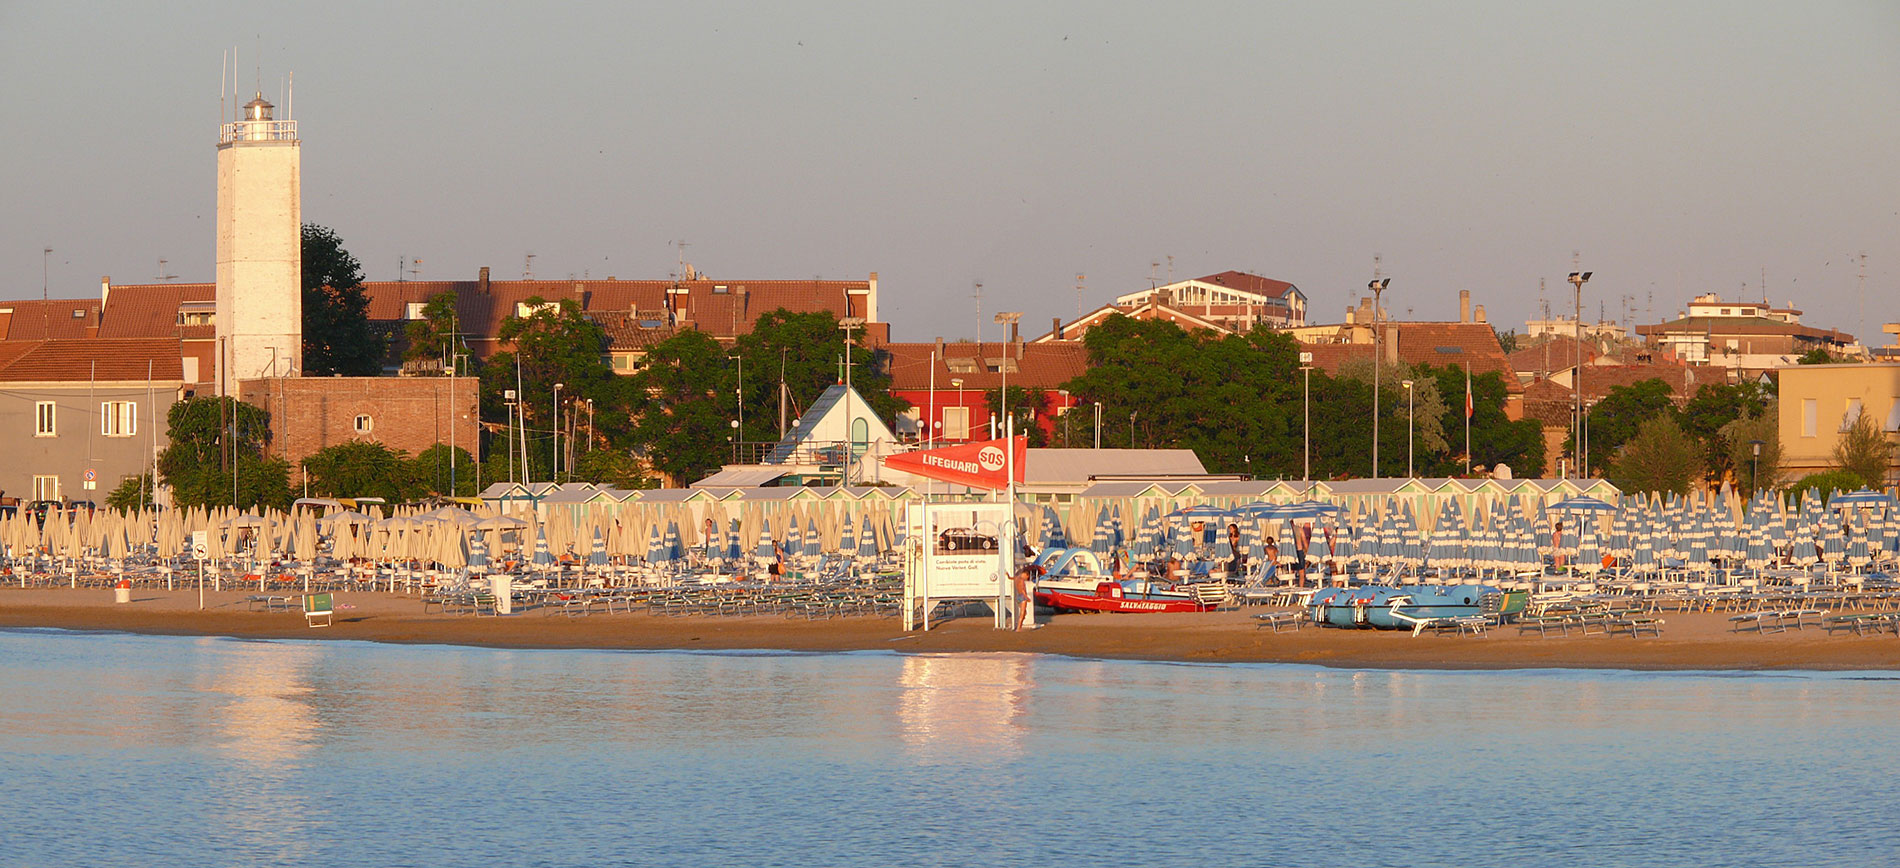 L'azzurro del mare, la spiaggia dorata…